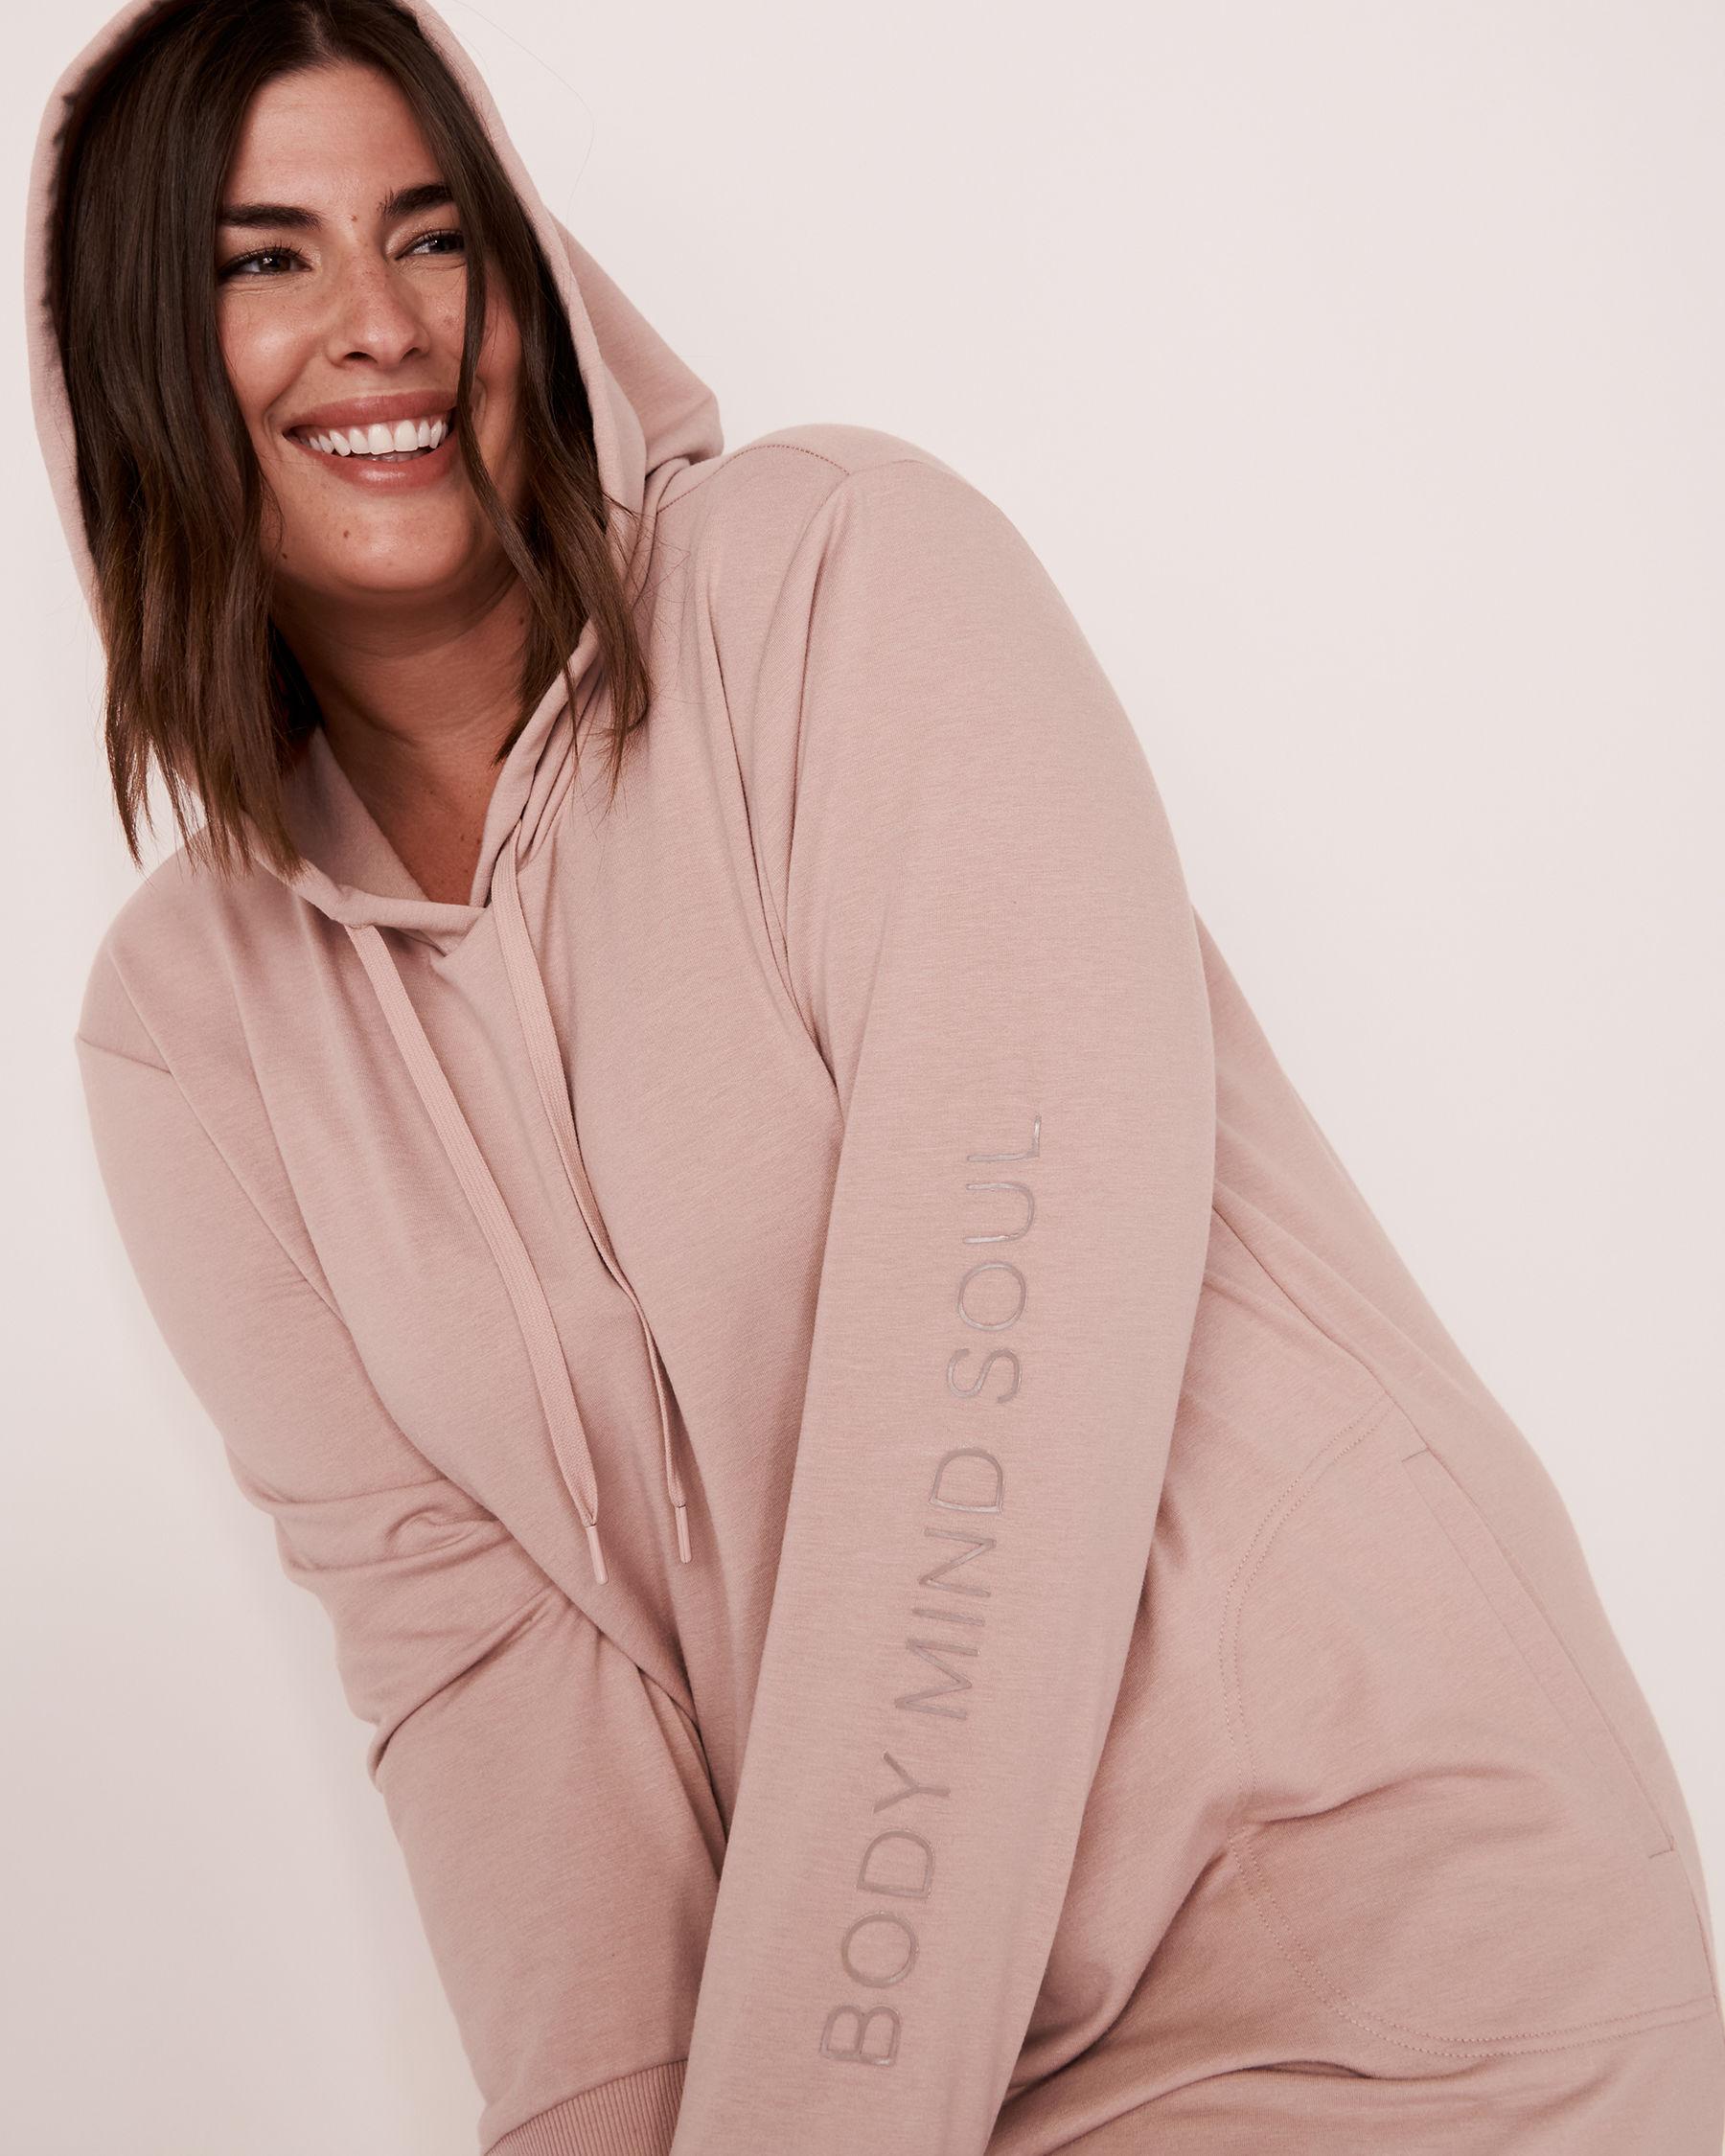 LA VIE EN ROSE Robe manches longues à capuchon Ombre grise 50400007 - Voir5